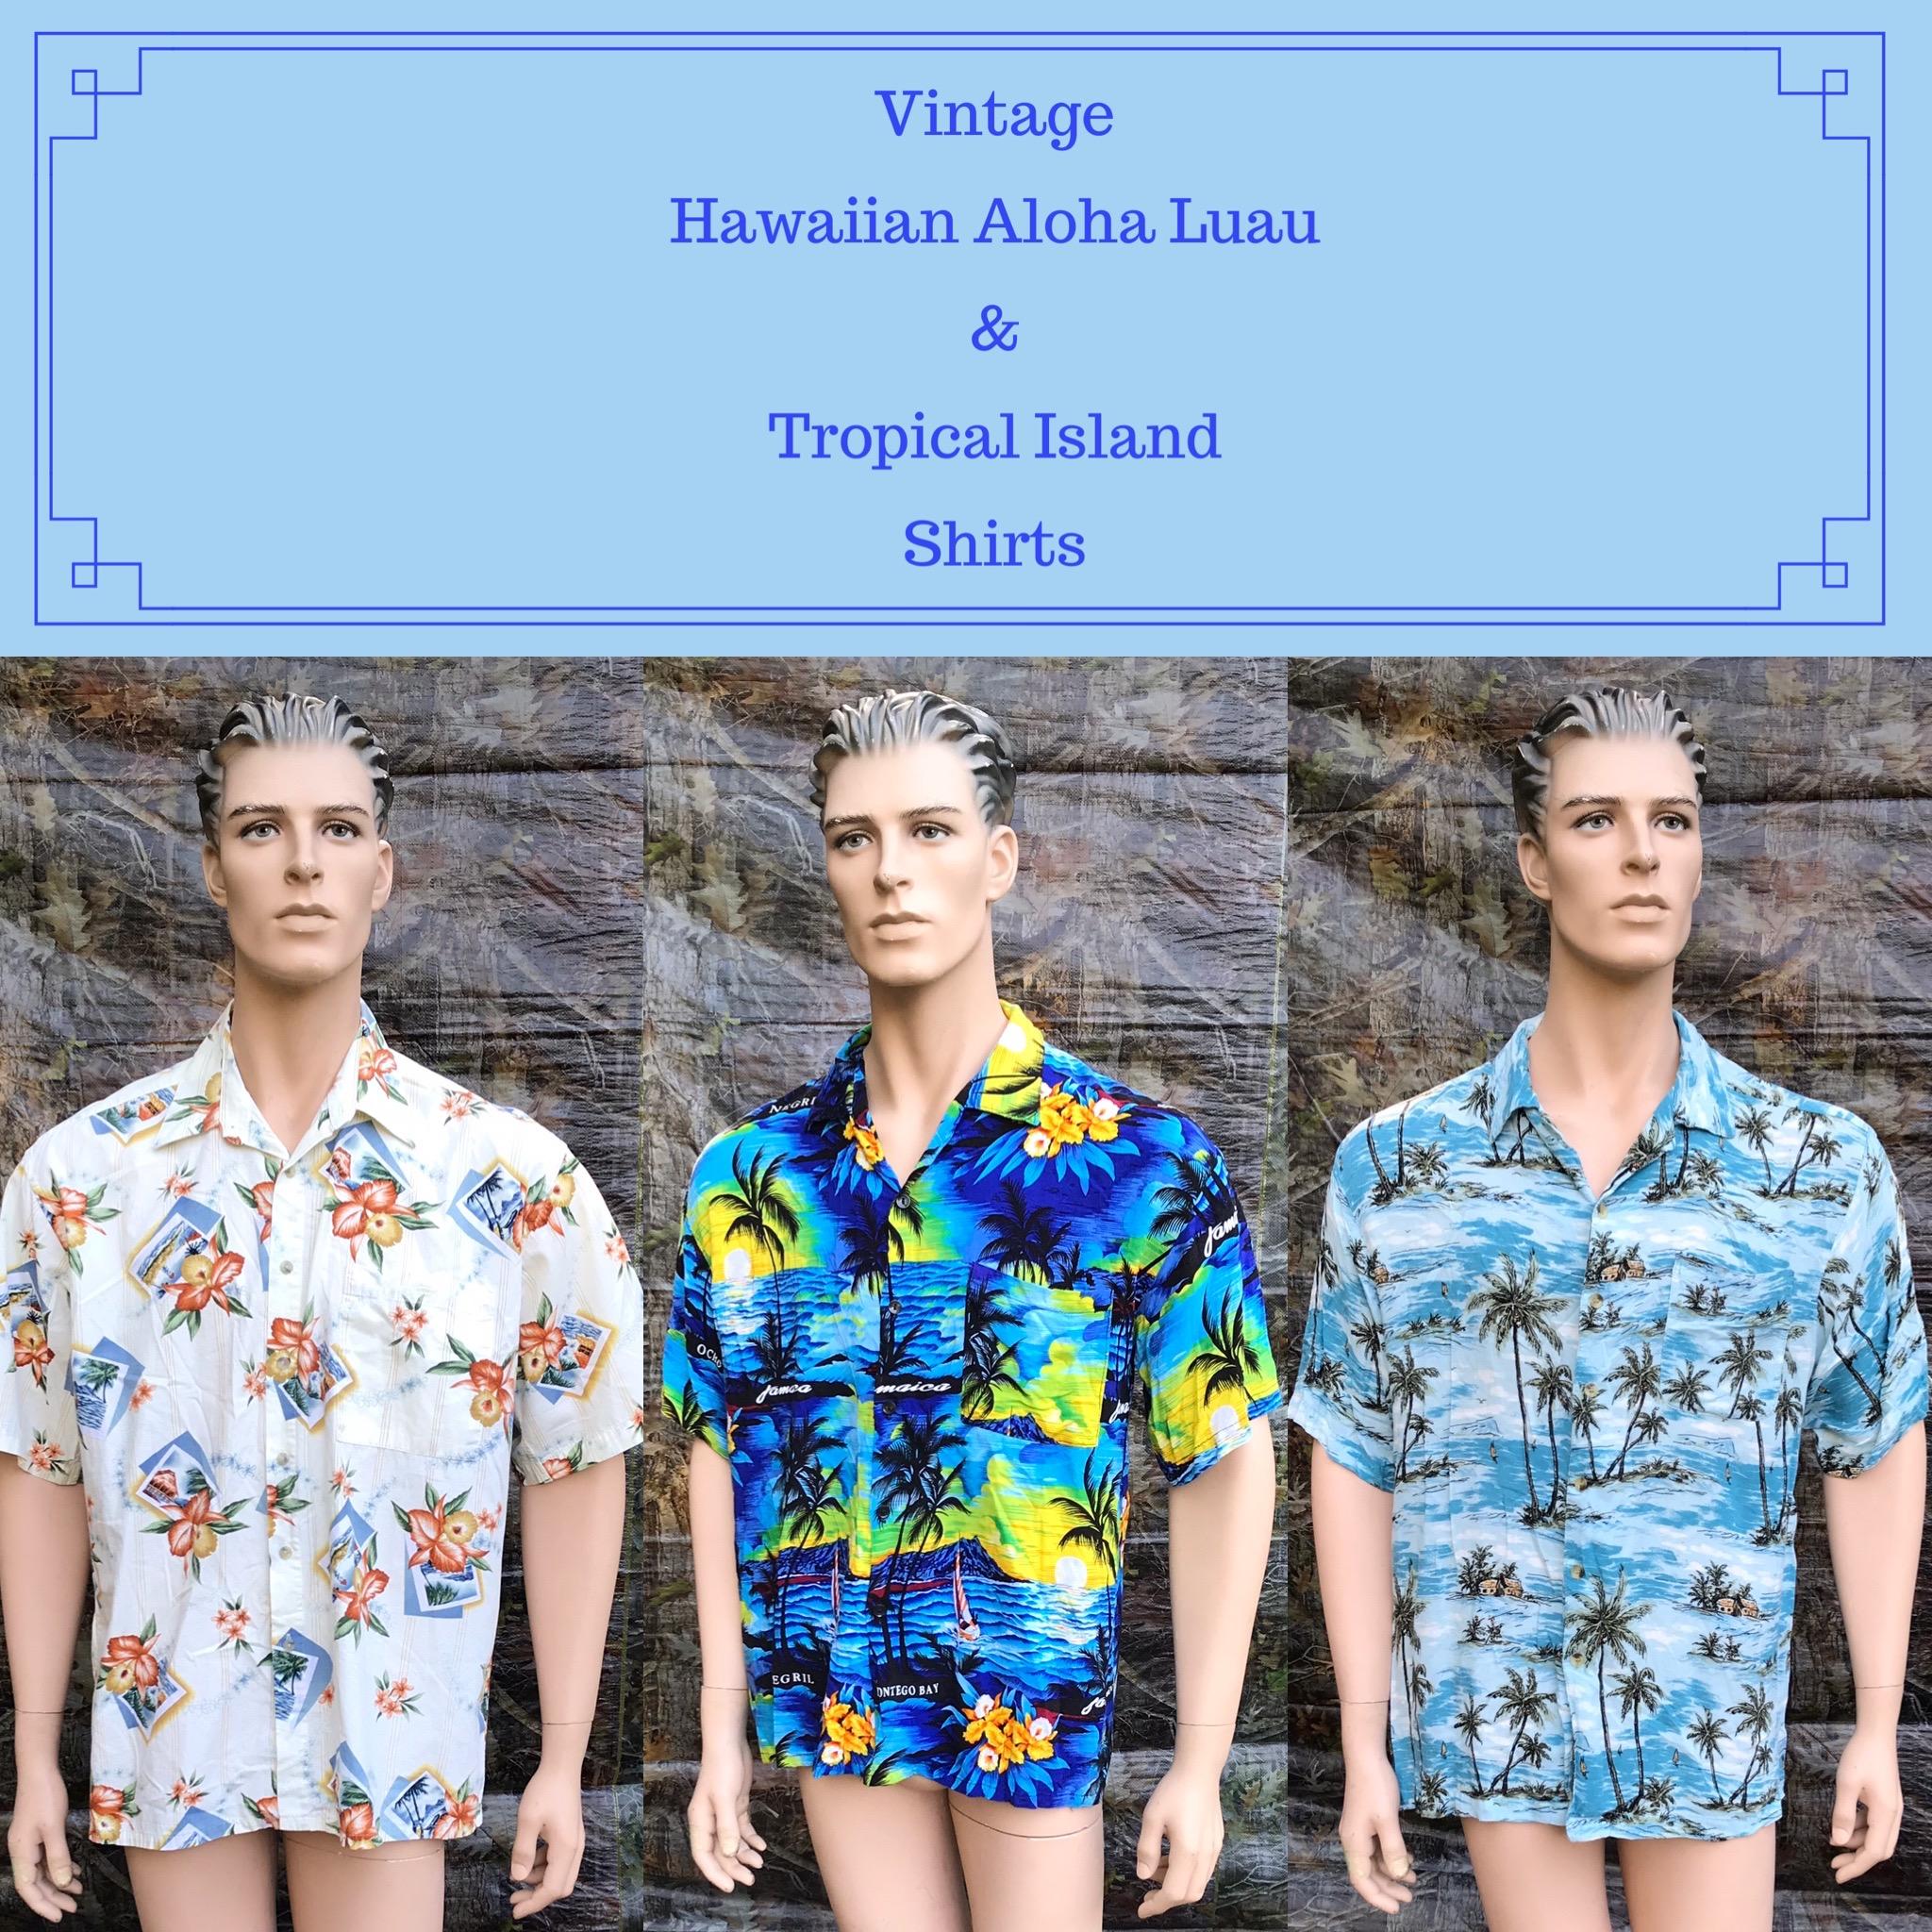 Hawaiian Aloha Luau Shirts